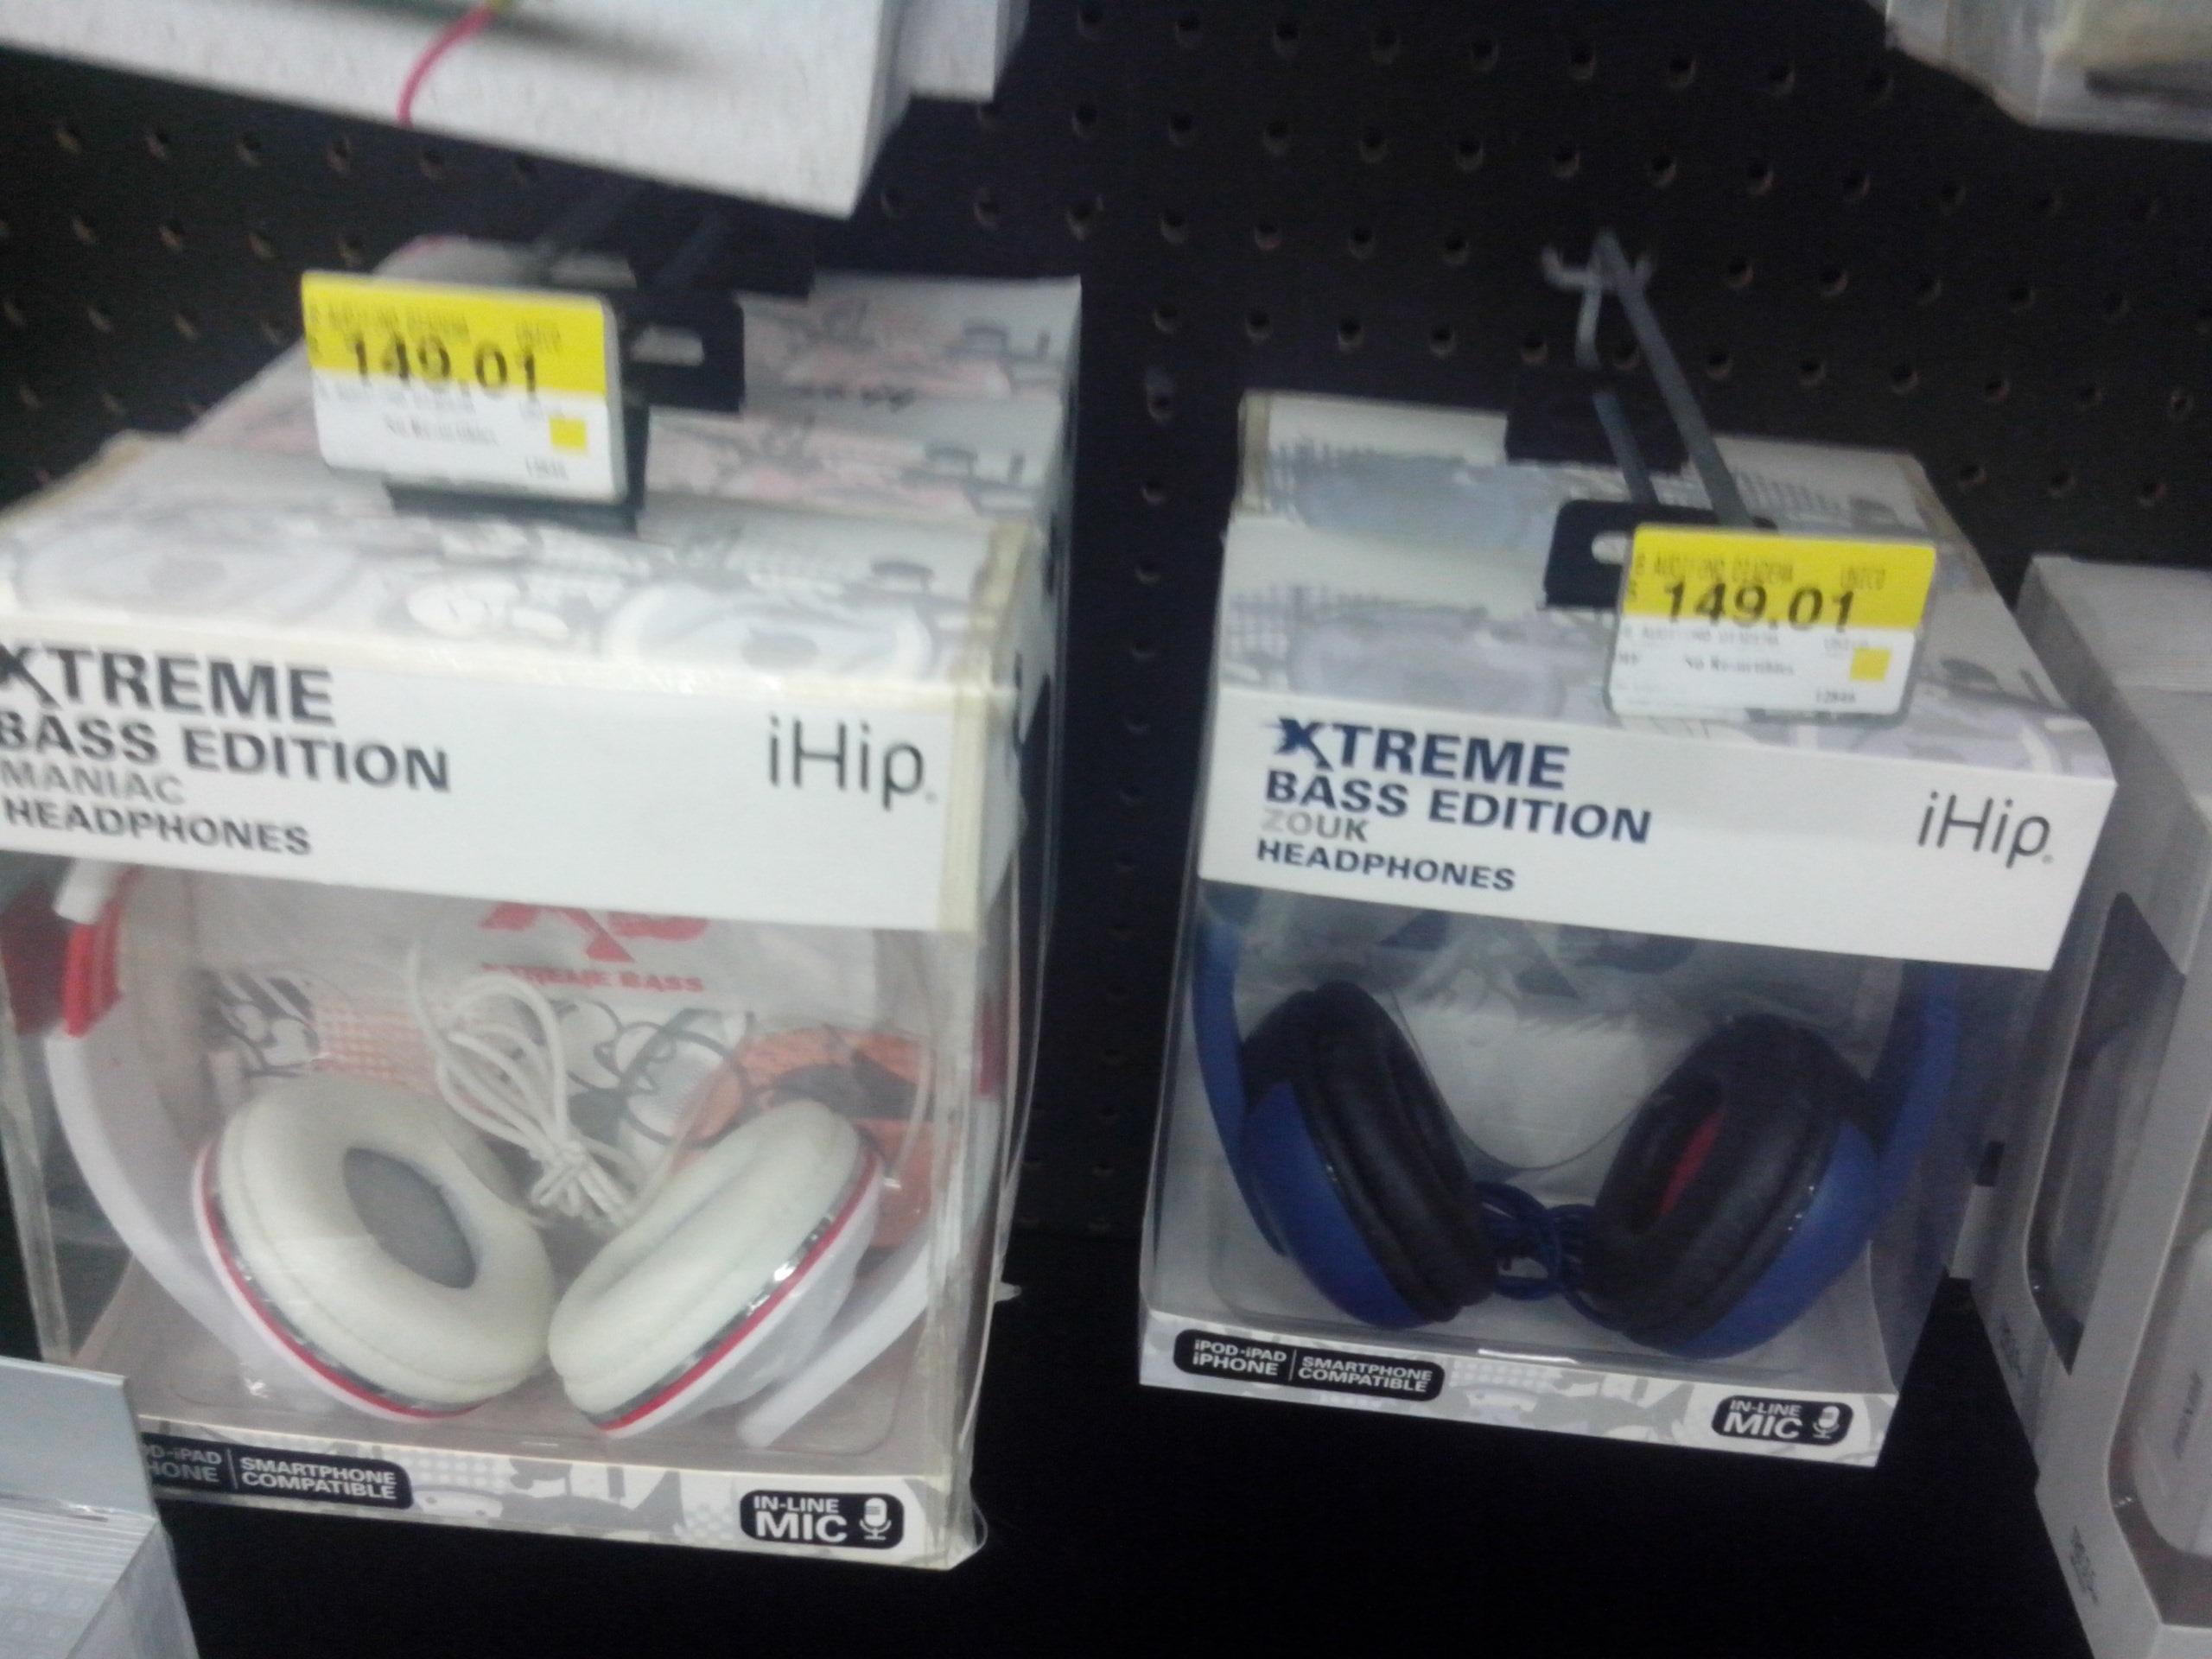 Walmart Salina Oaxaca: audifonos iHip xtreme bass edition en liquidacion $149.01